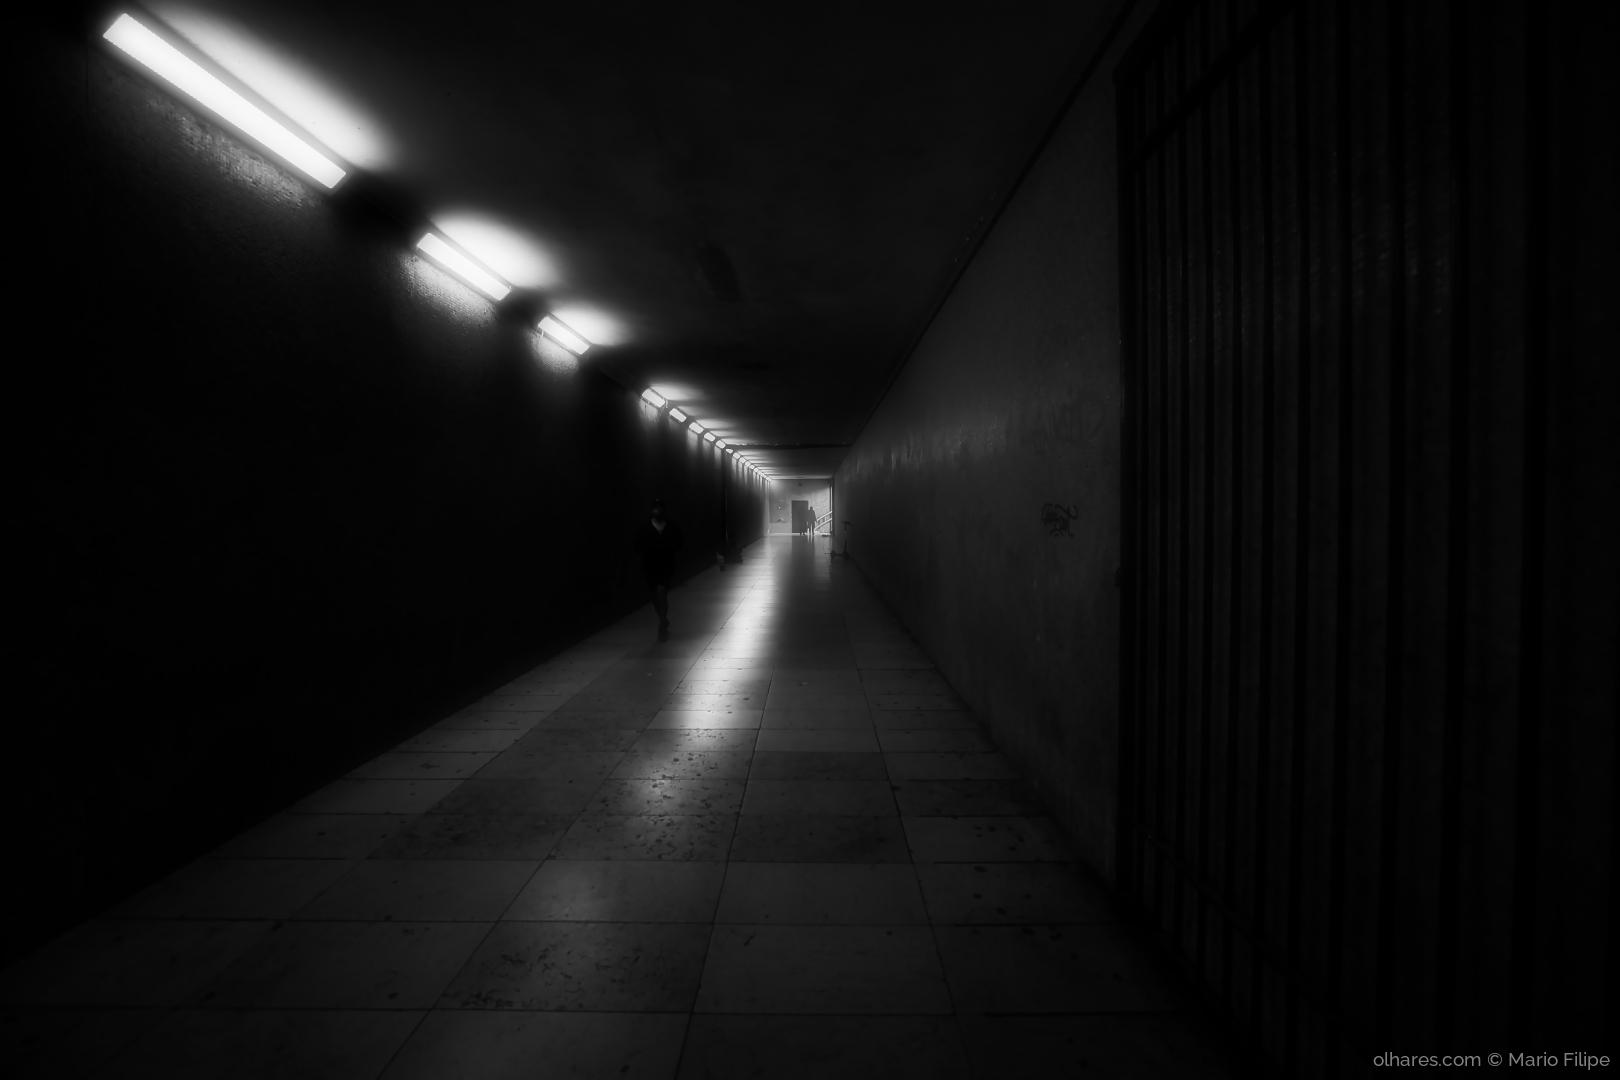 Fotografia de Rua/2021 the search for light at the end